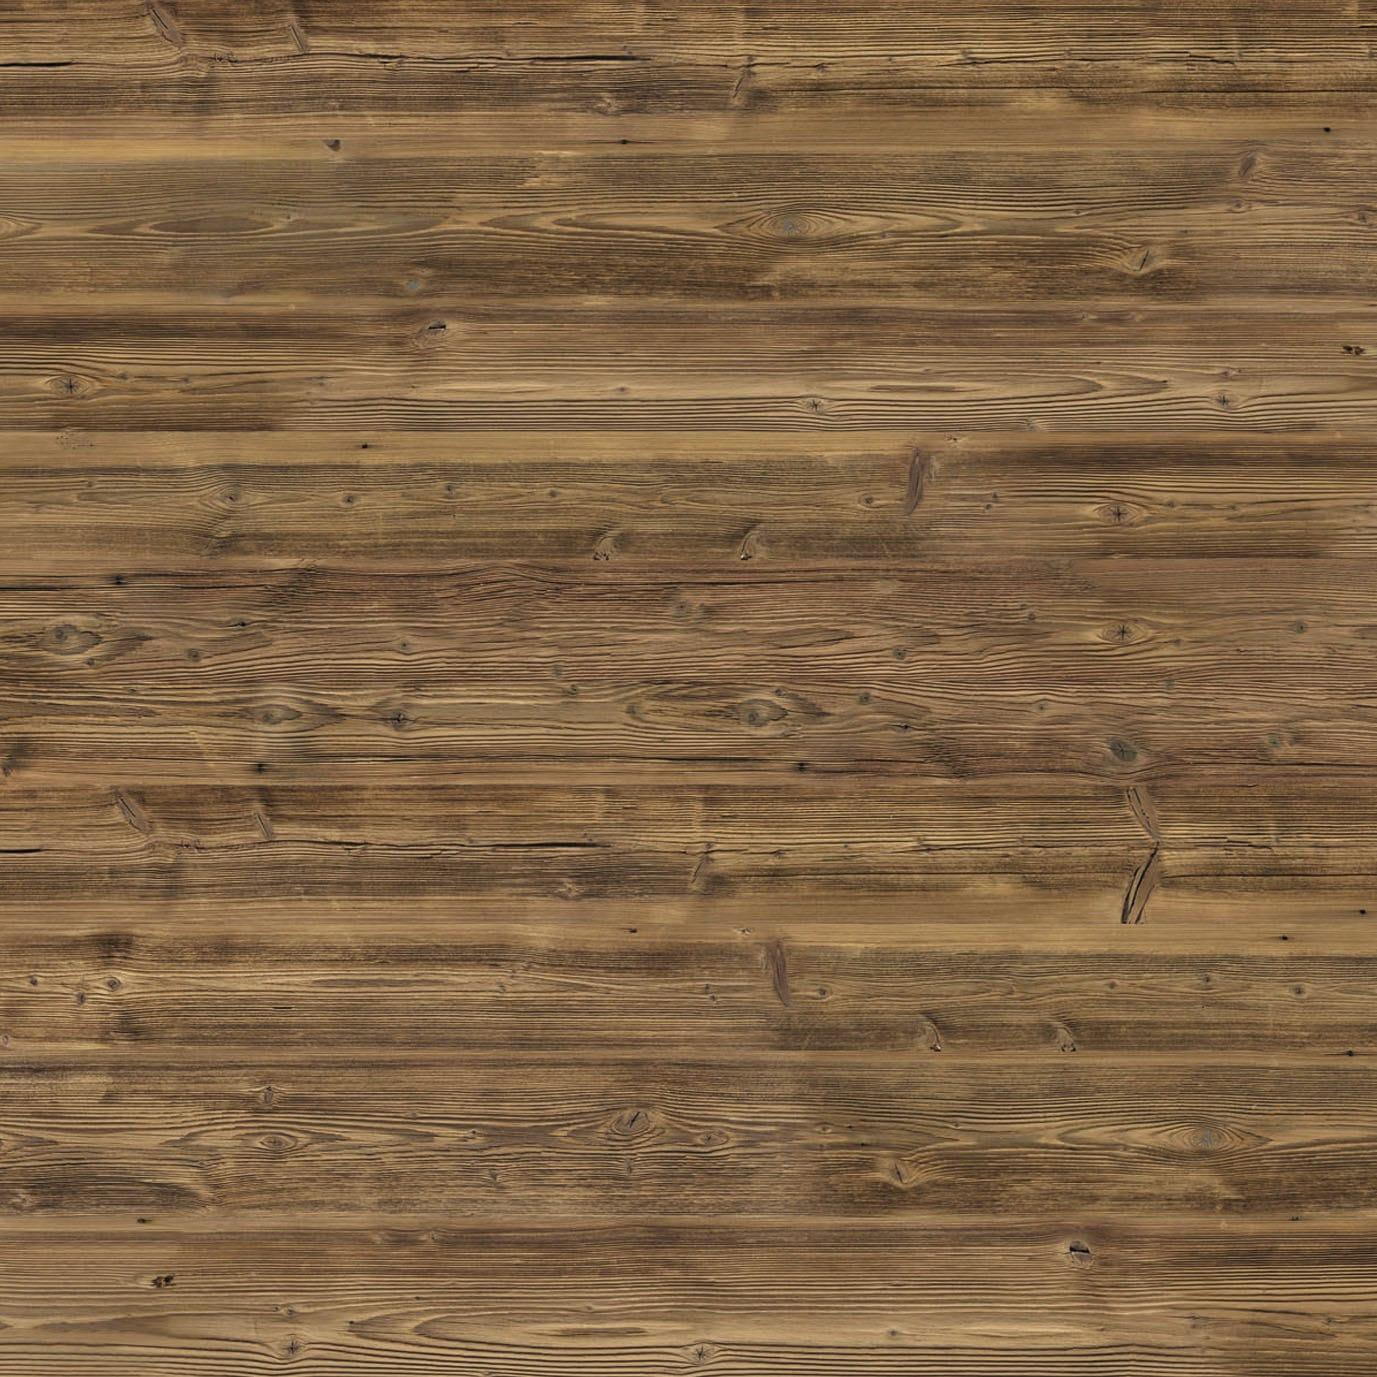 Pannelli Legno Senza Formaldeide pannello in legno di costruzione - sun wood altholzdesign